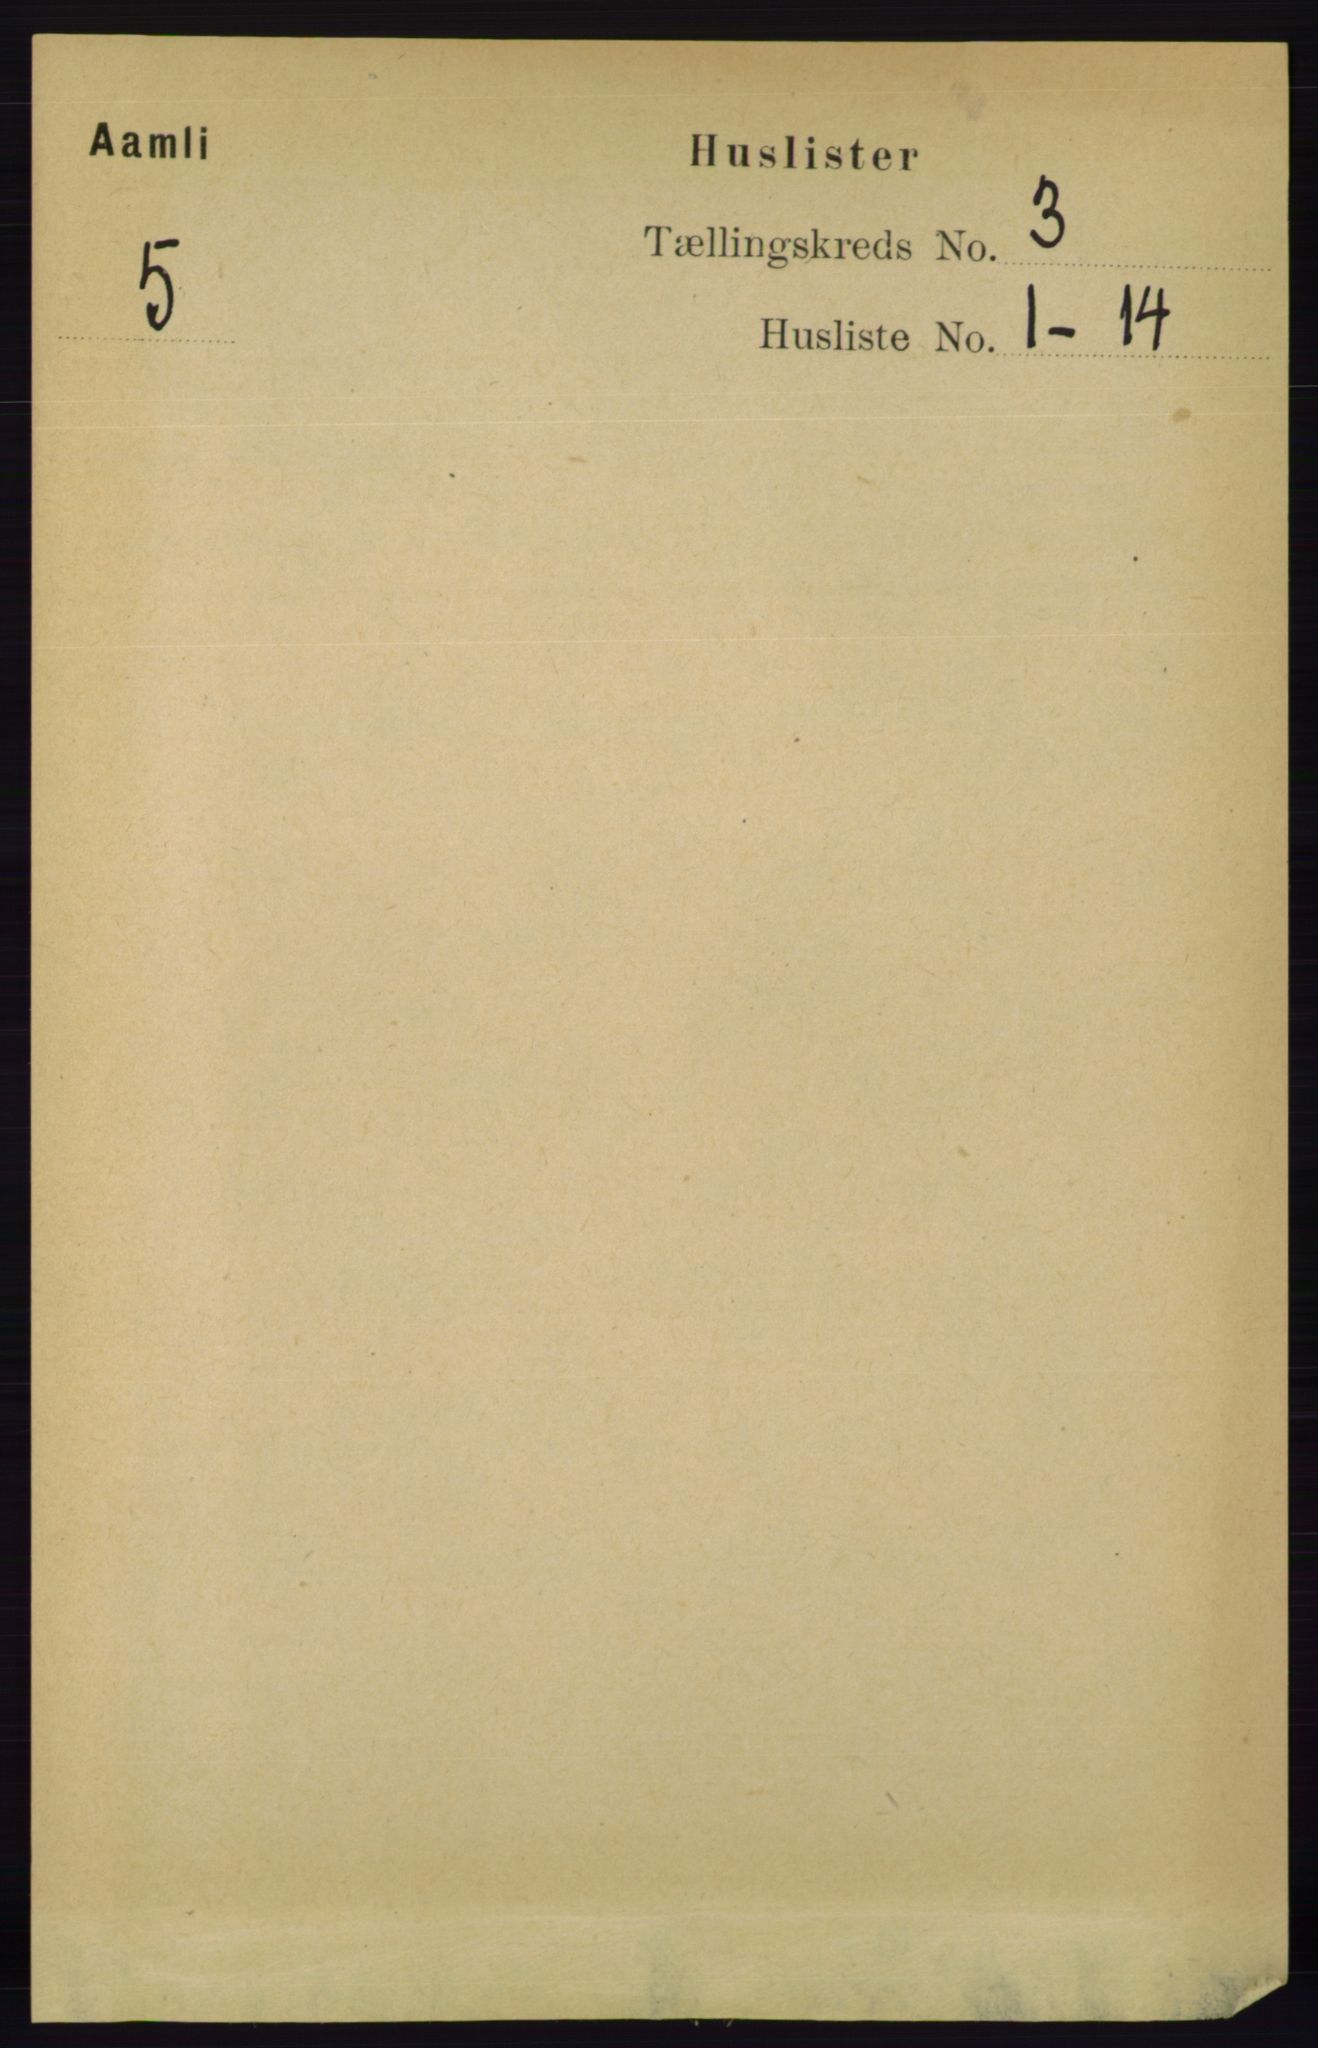 RA, Folketelling 1891 for 0929 Åmli herred, 1891, s. 299